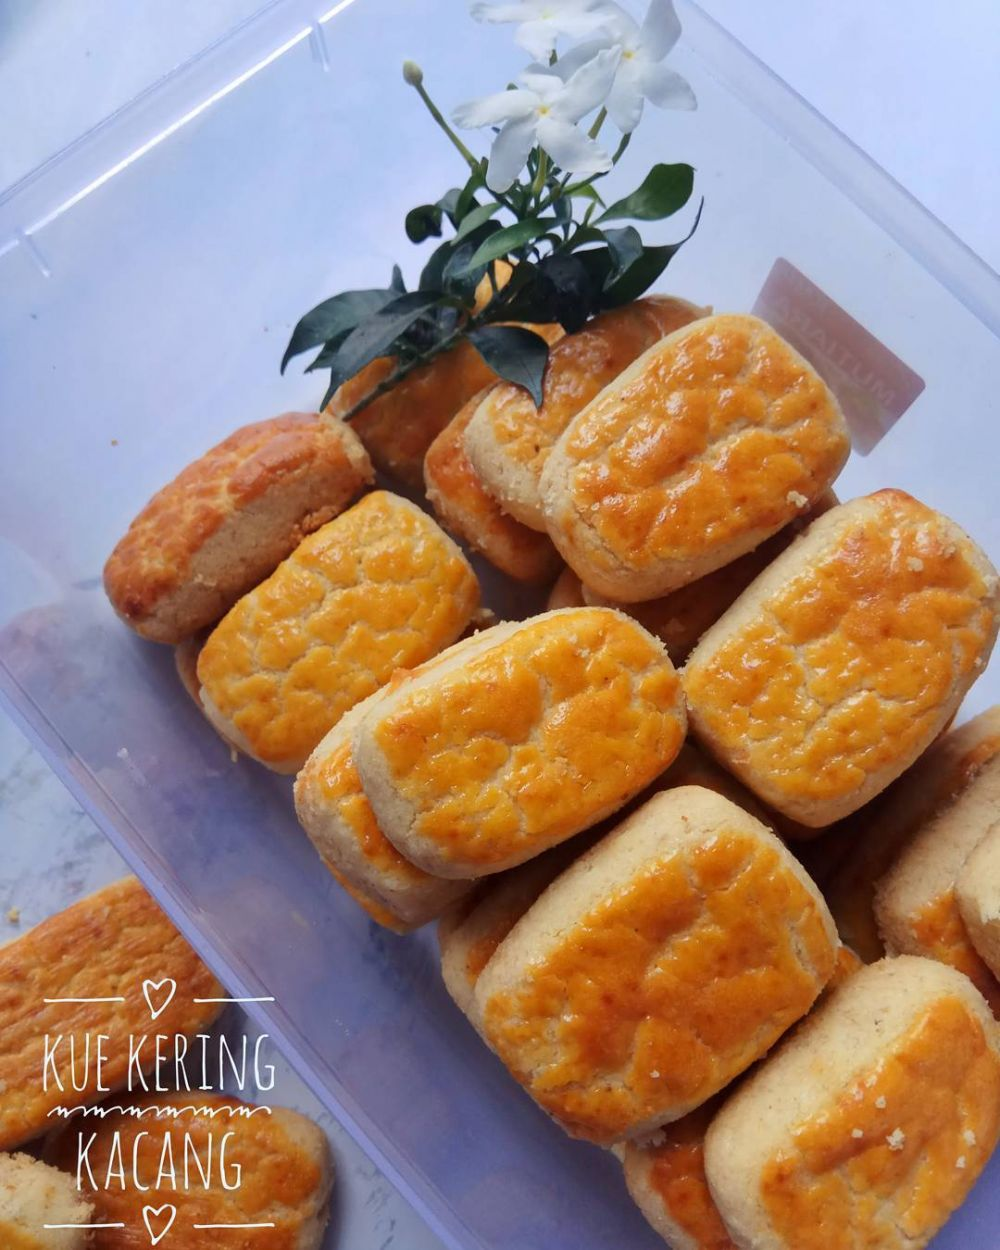 resep kue kacang enak  mudah dibuat Resepi Cucur Kacang Hijau Enak dan Mudah